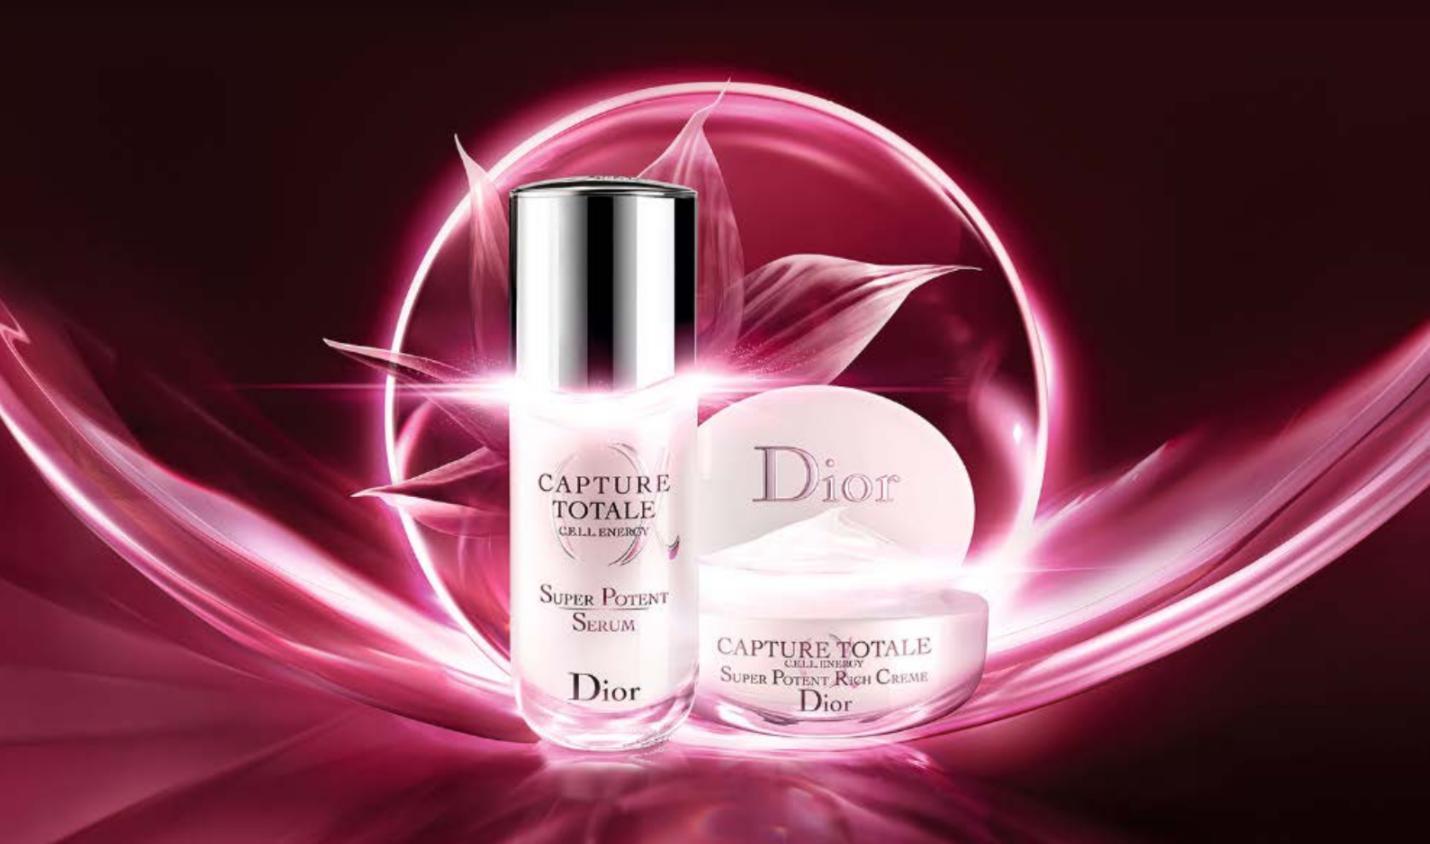 =全新《DIOR 迪奧逆時能量特潤霜》搭配#迪奧能量瓶 高效呵護乾燥肌!全面打造 Q、彈、亮美肌